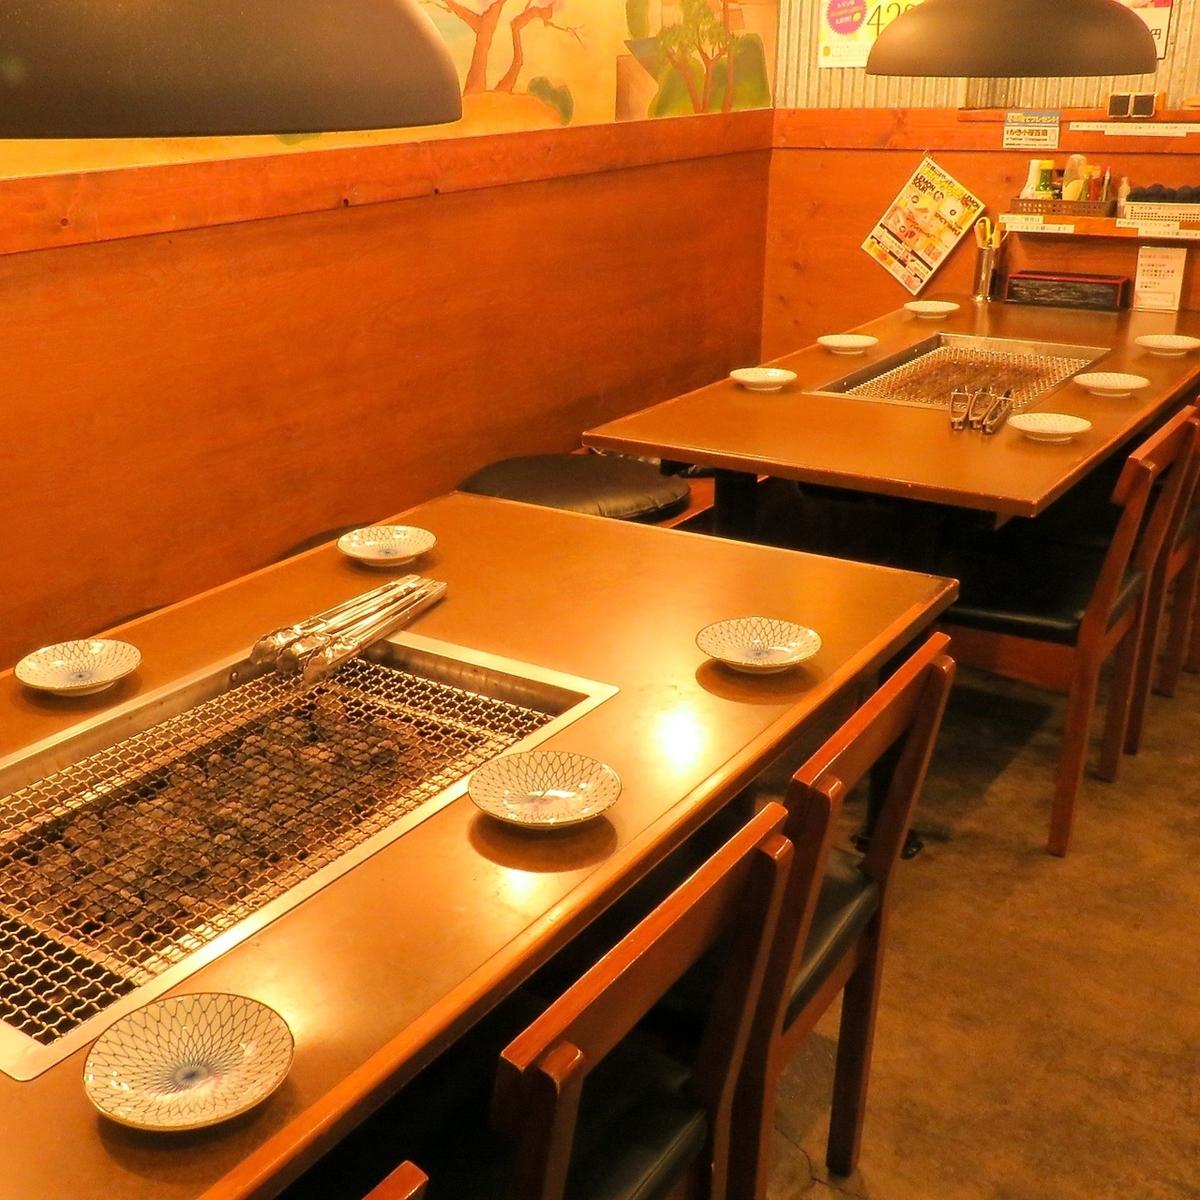 봄은 환송 영회.겨울은 忘新 연회에도 사용할 넓은 테이블 석.